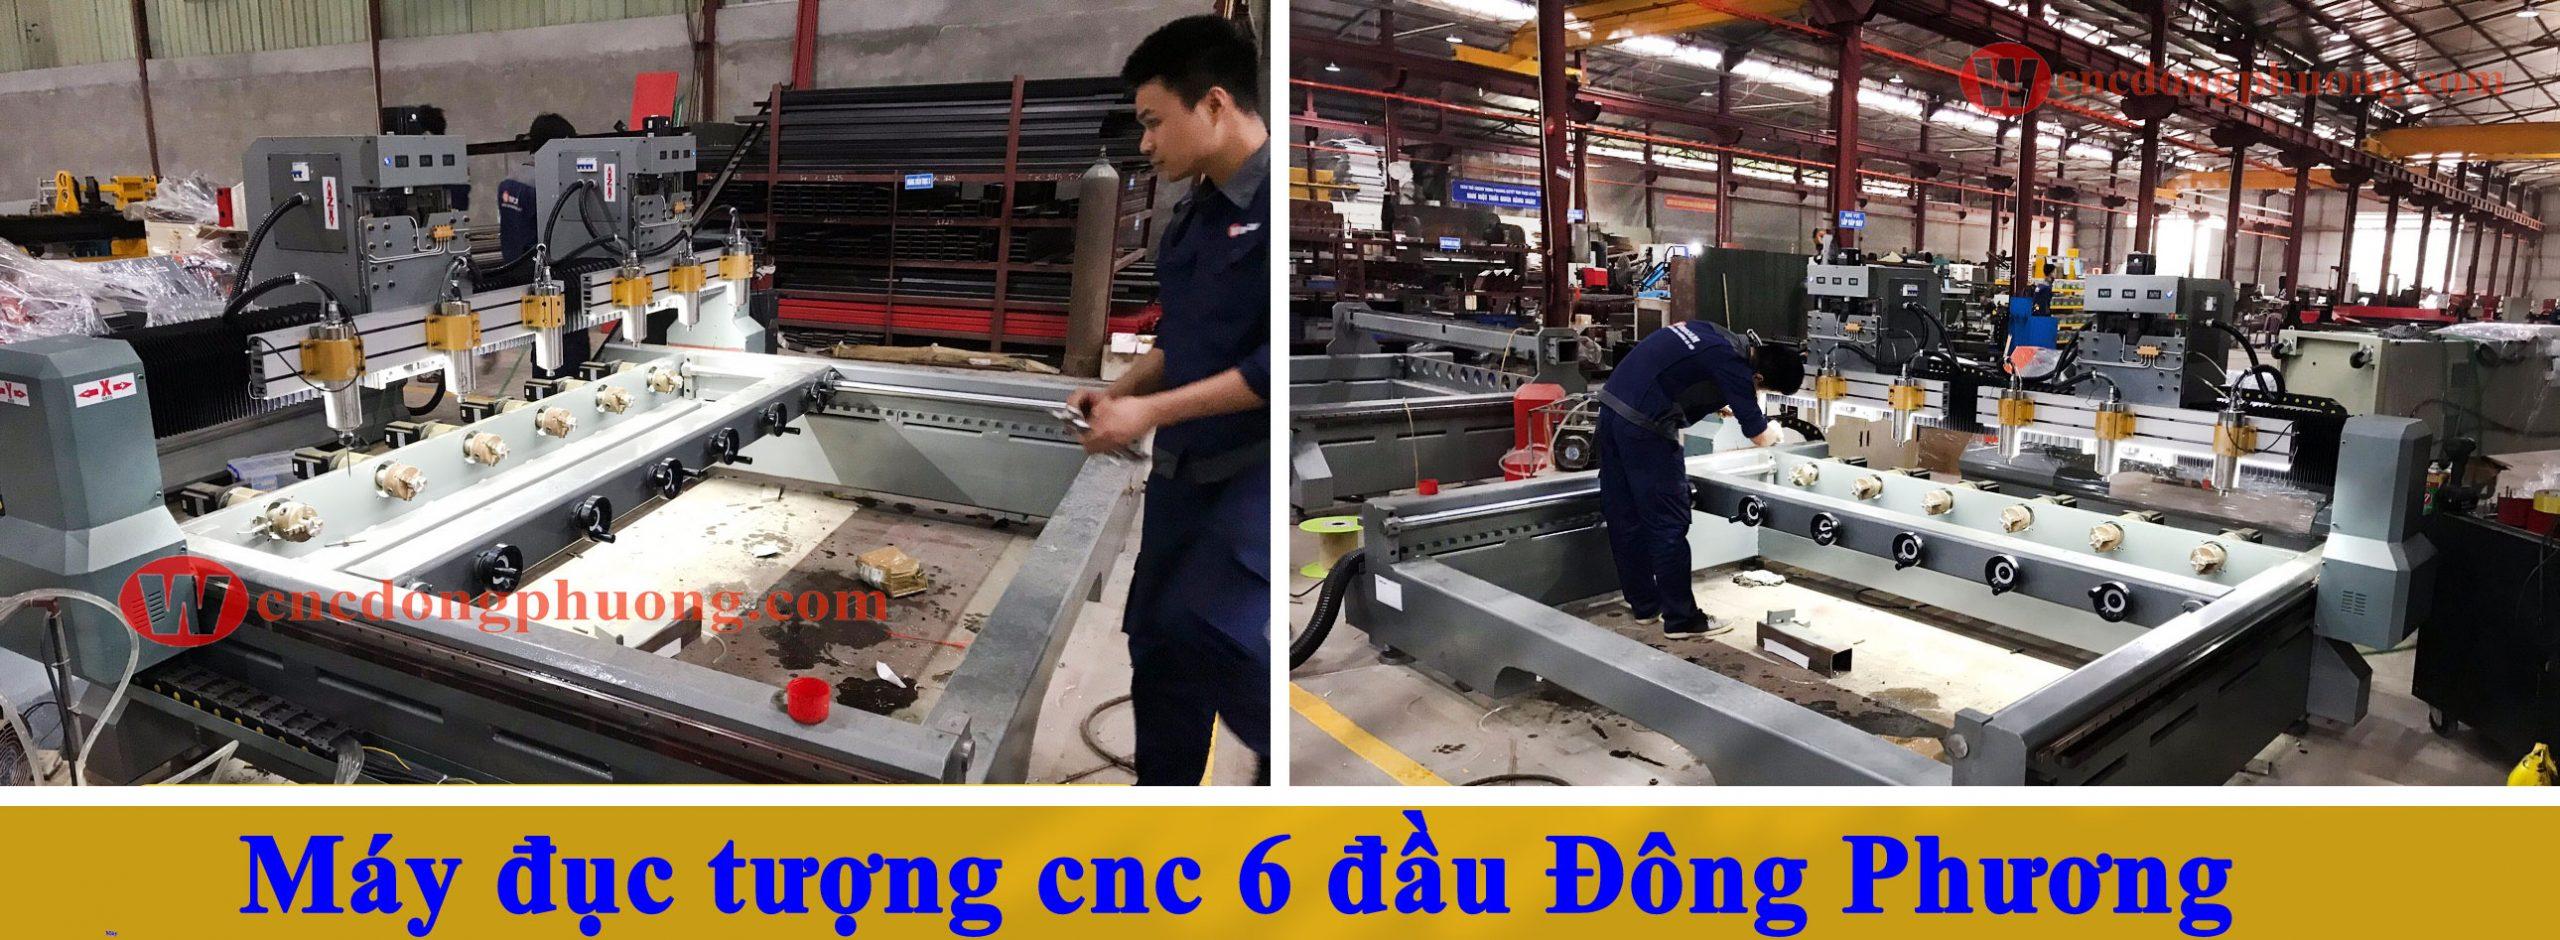 Mua bán máy đục tượng cnc - máy cnc 4 trục tại Ninh Bình, Nam Định2